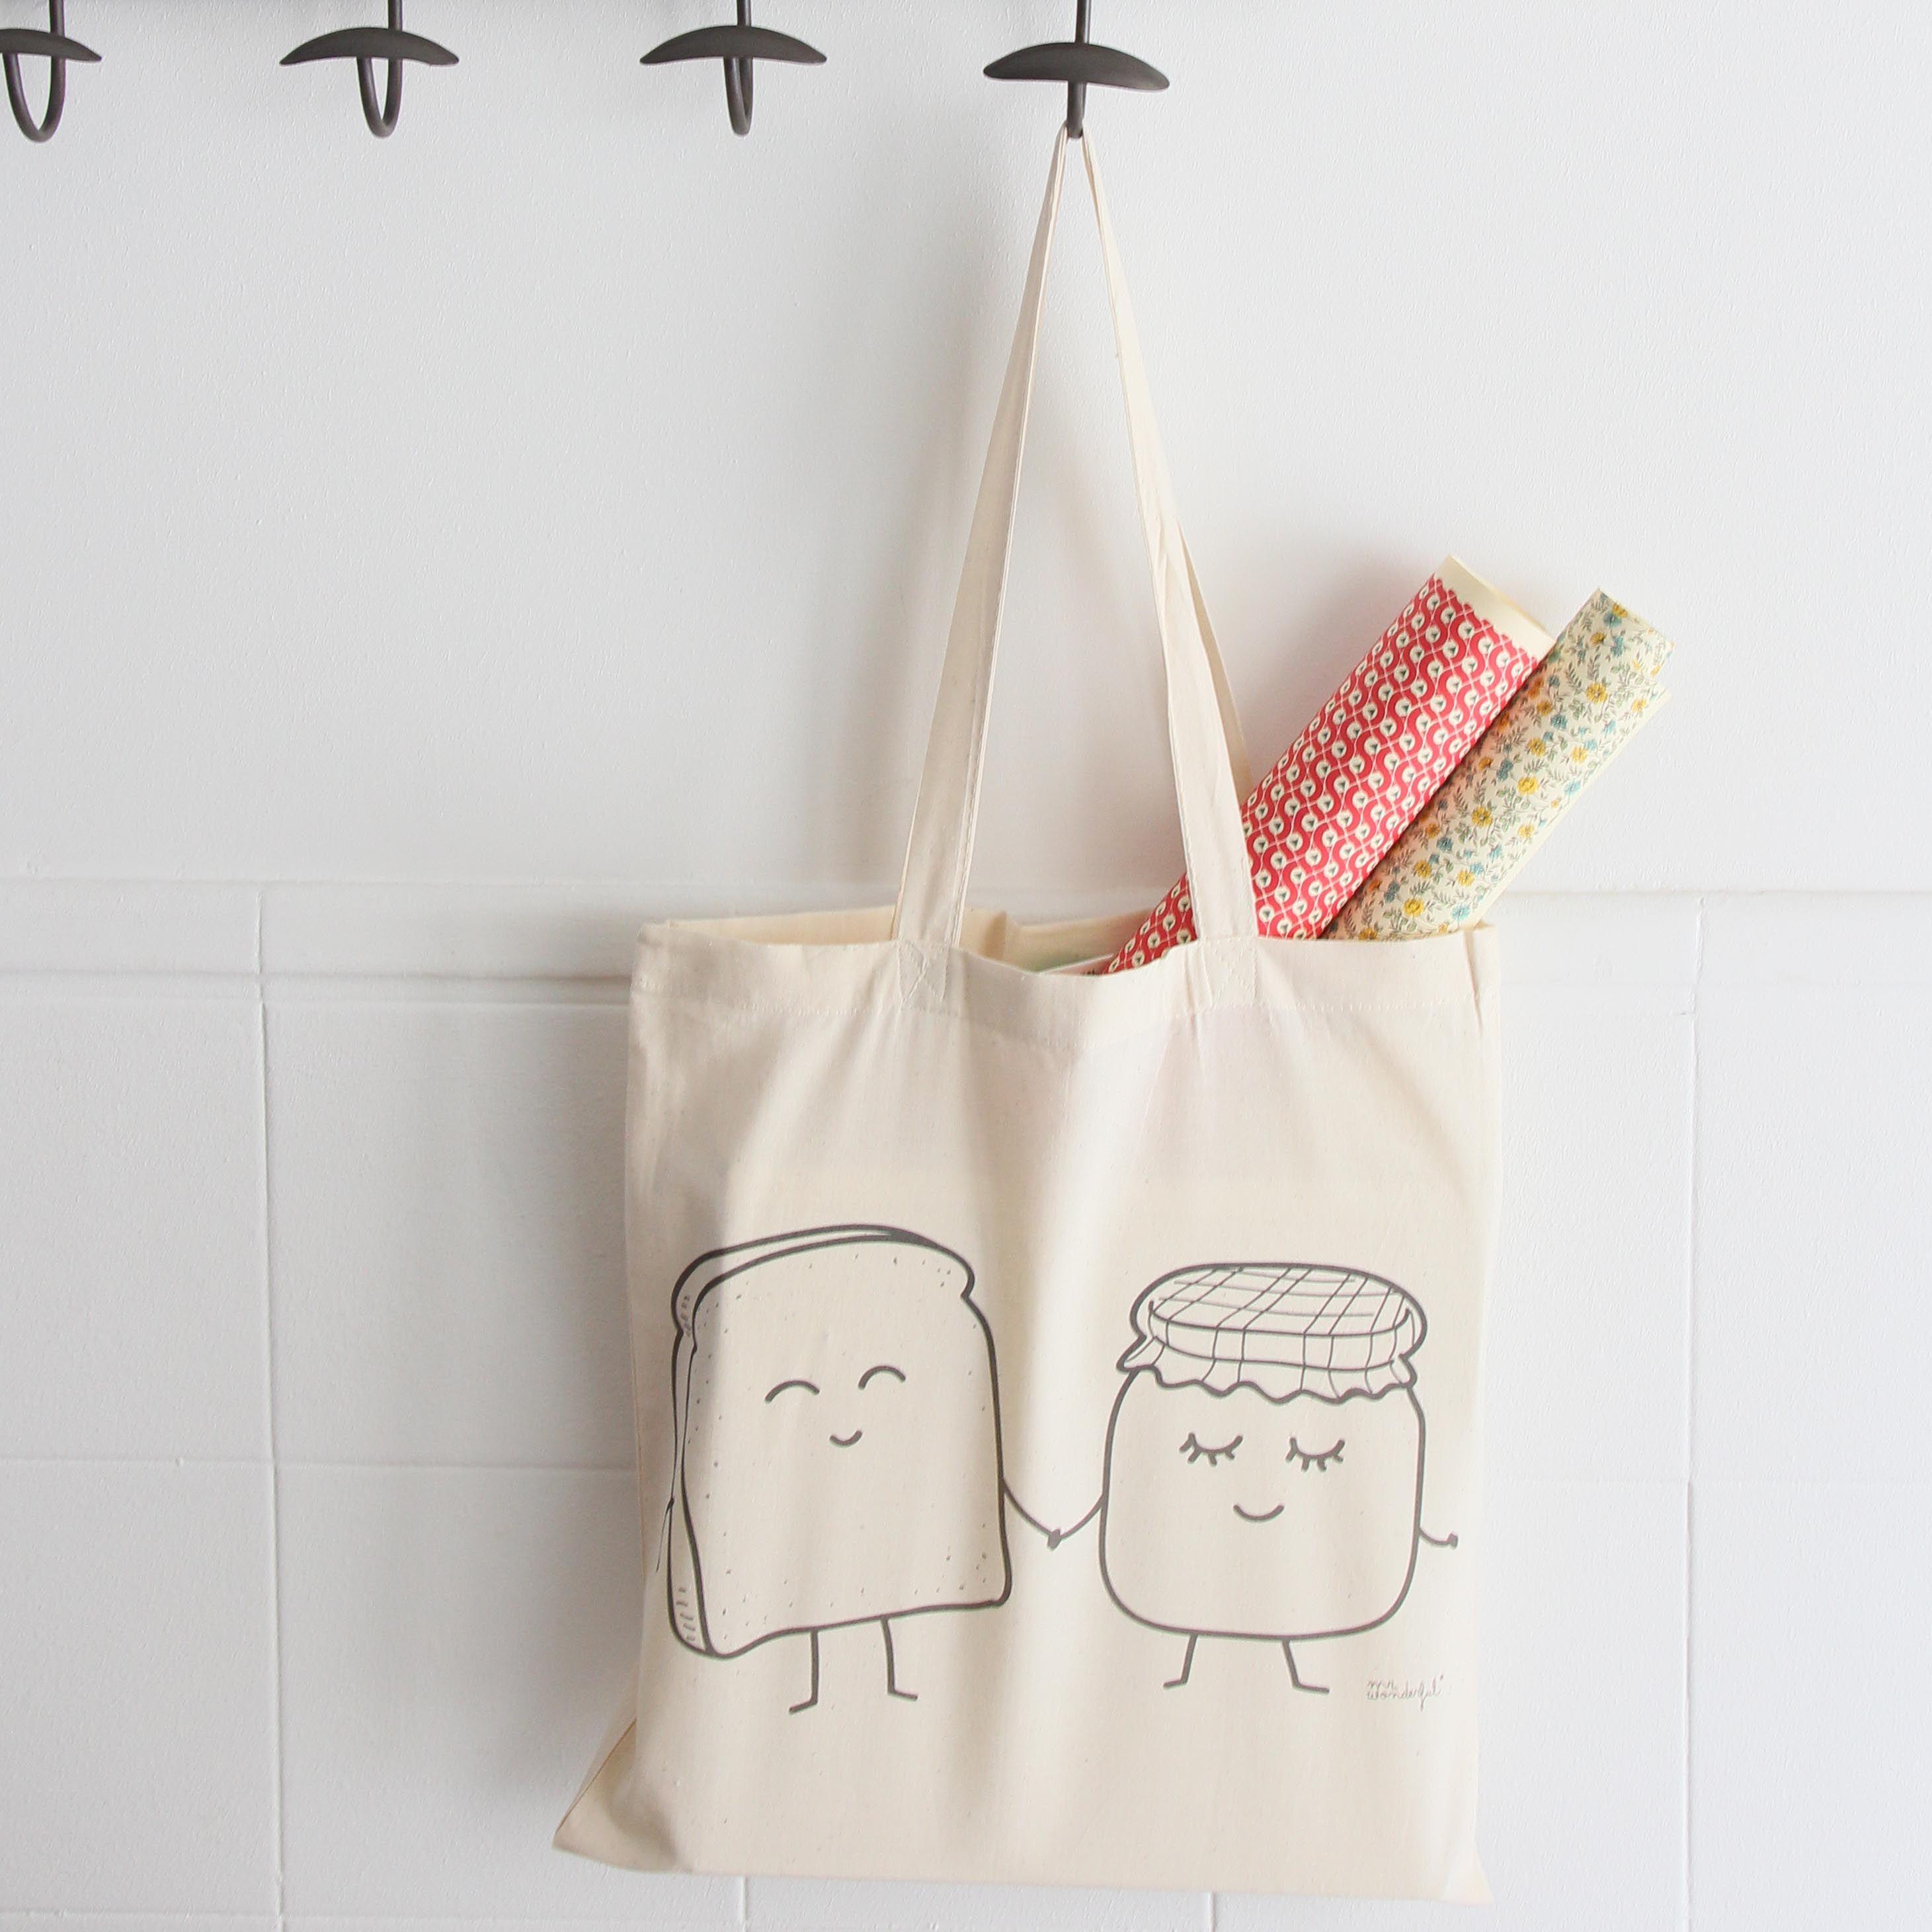 Nuevas bolsas de tela (tote bags) para moririse de bonitas y